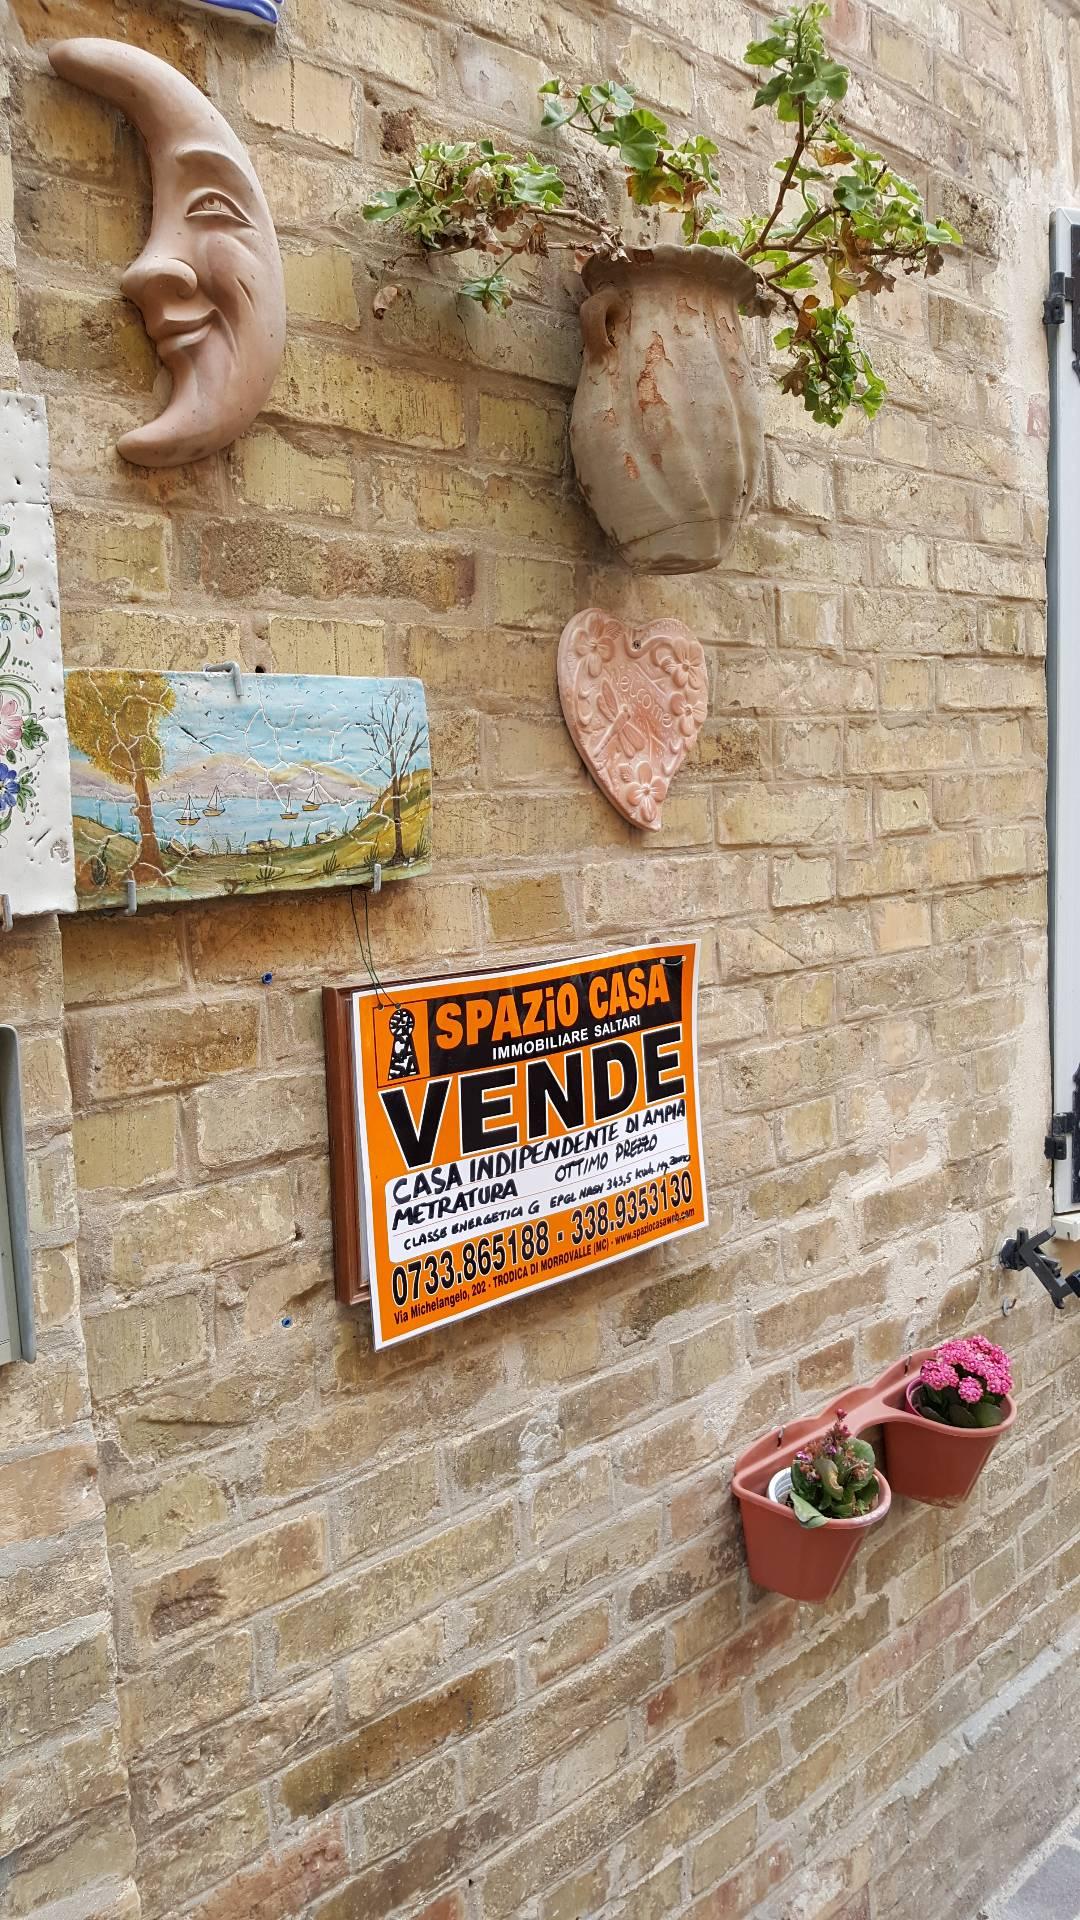 Soluzione Indipendente in vendita a Potenza Picena, 10 locali, zona Località: PortoPotenzaPicena, prezzo € 180.000 | CambioCasa.it